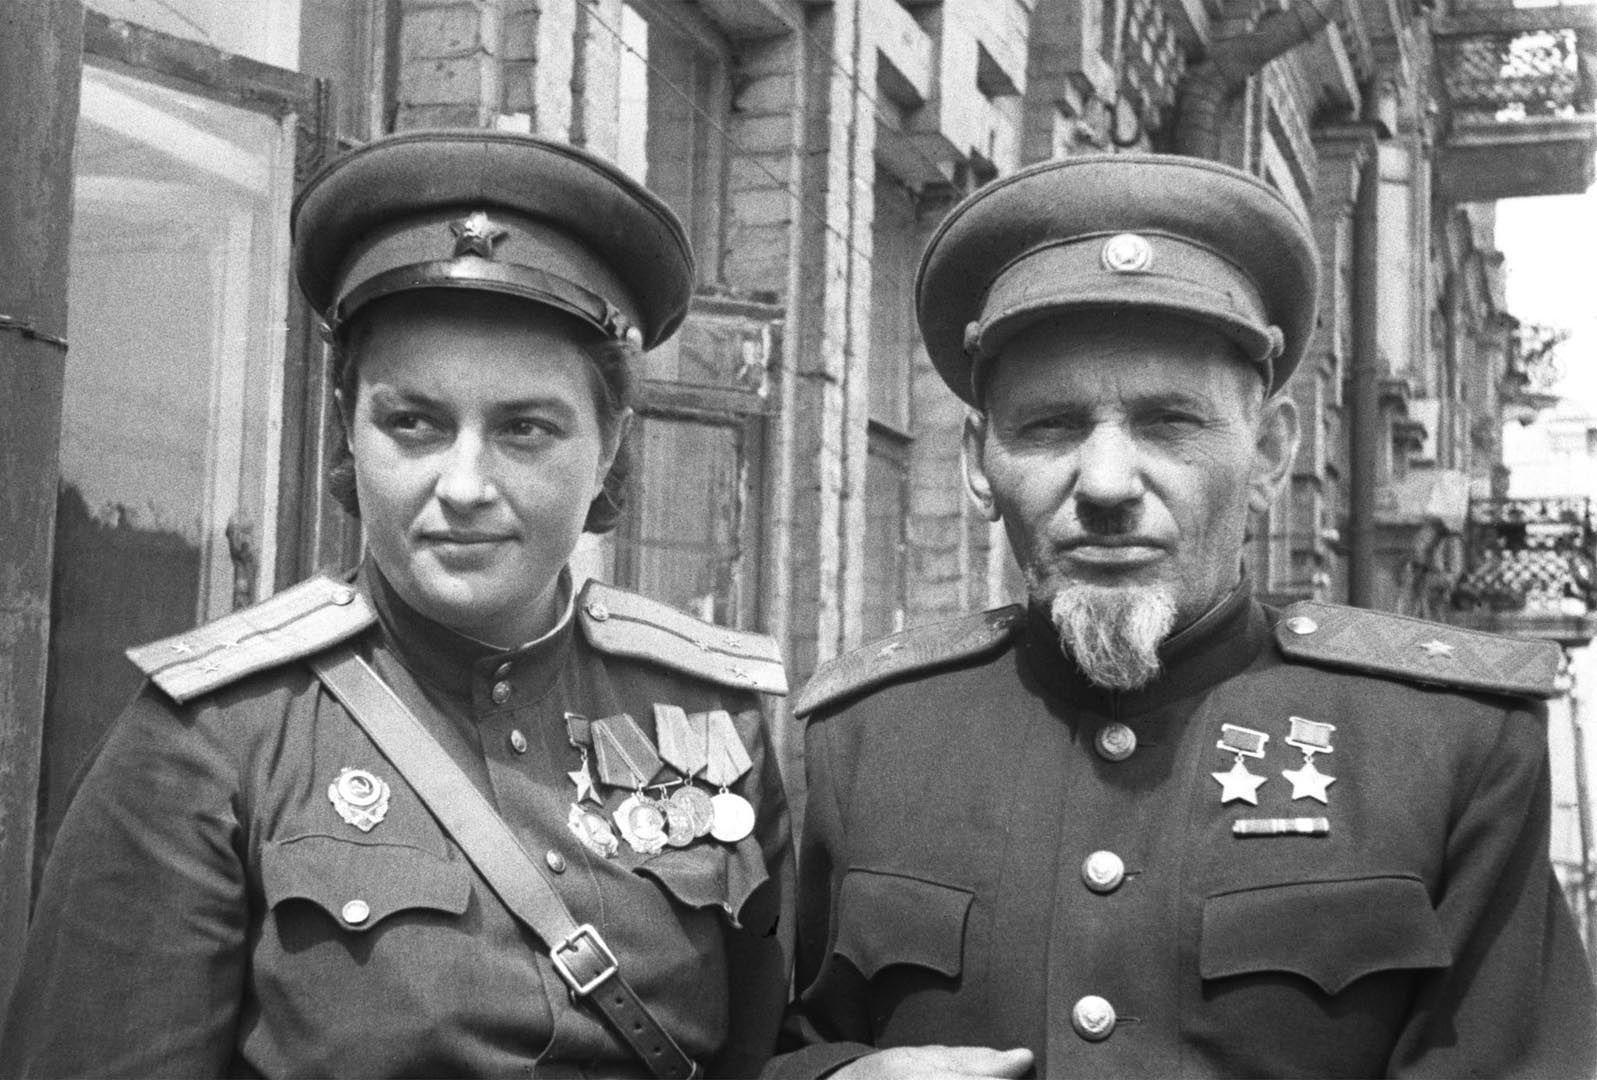 Pavlichenko junto a el general soviético Sidor Kovpak en una imagen de 1944 (Sovfoto/UIG via Getty Images)